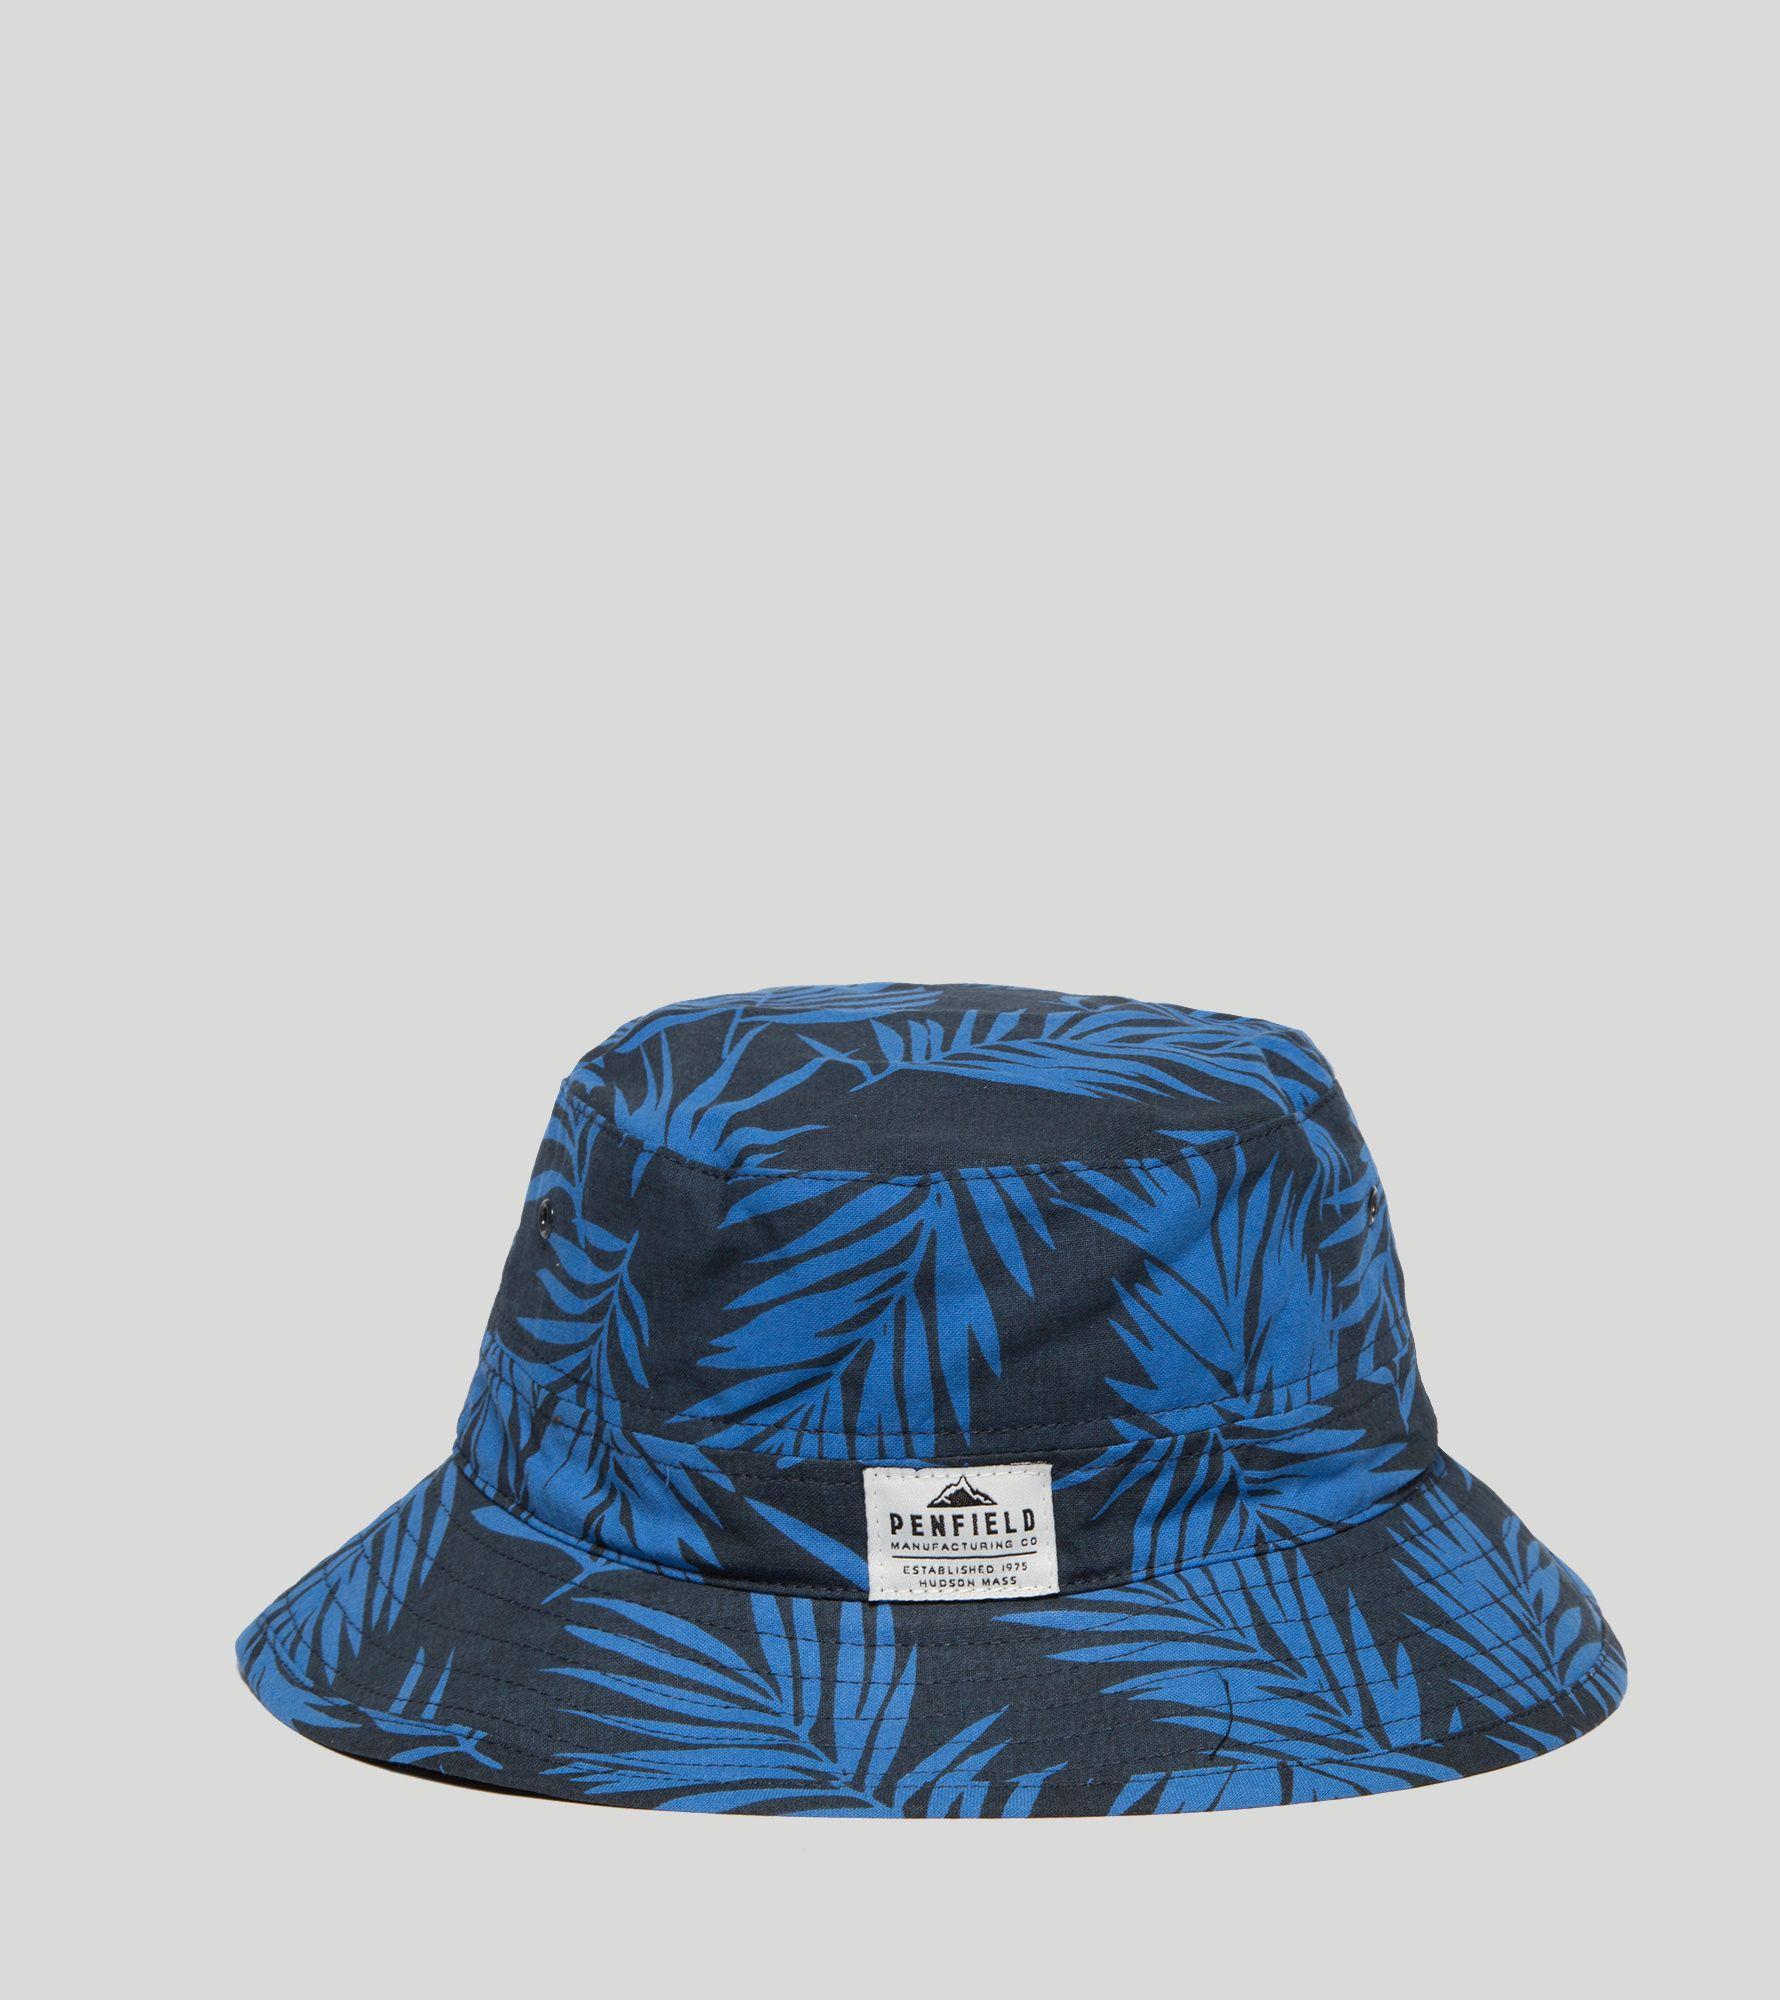 98e582e63 Penfield Baker Bucket Hat | Size?